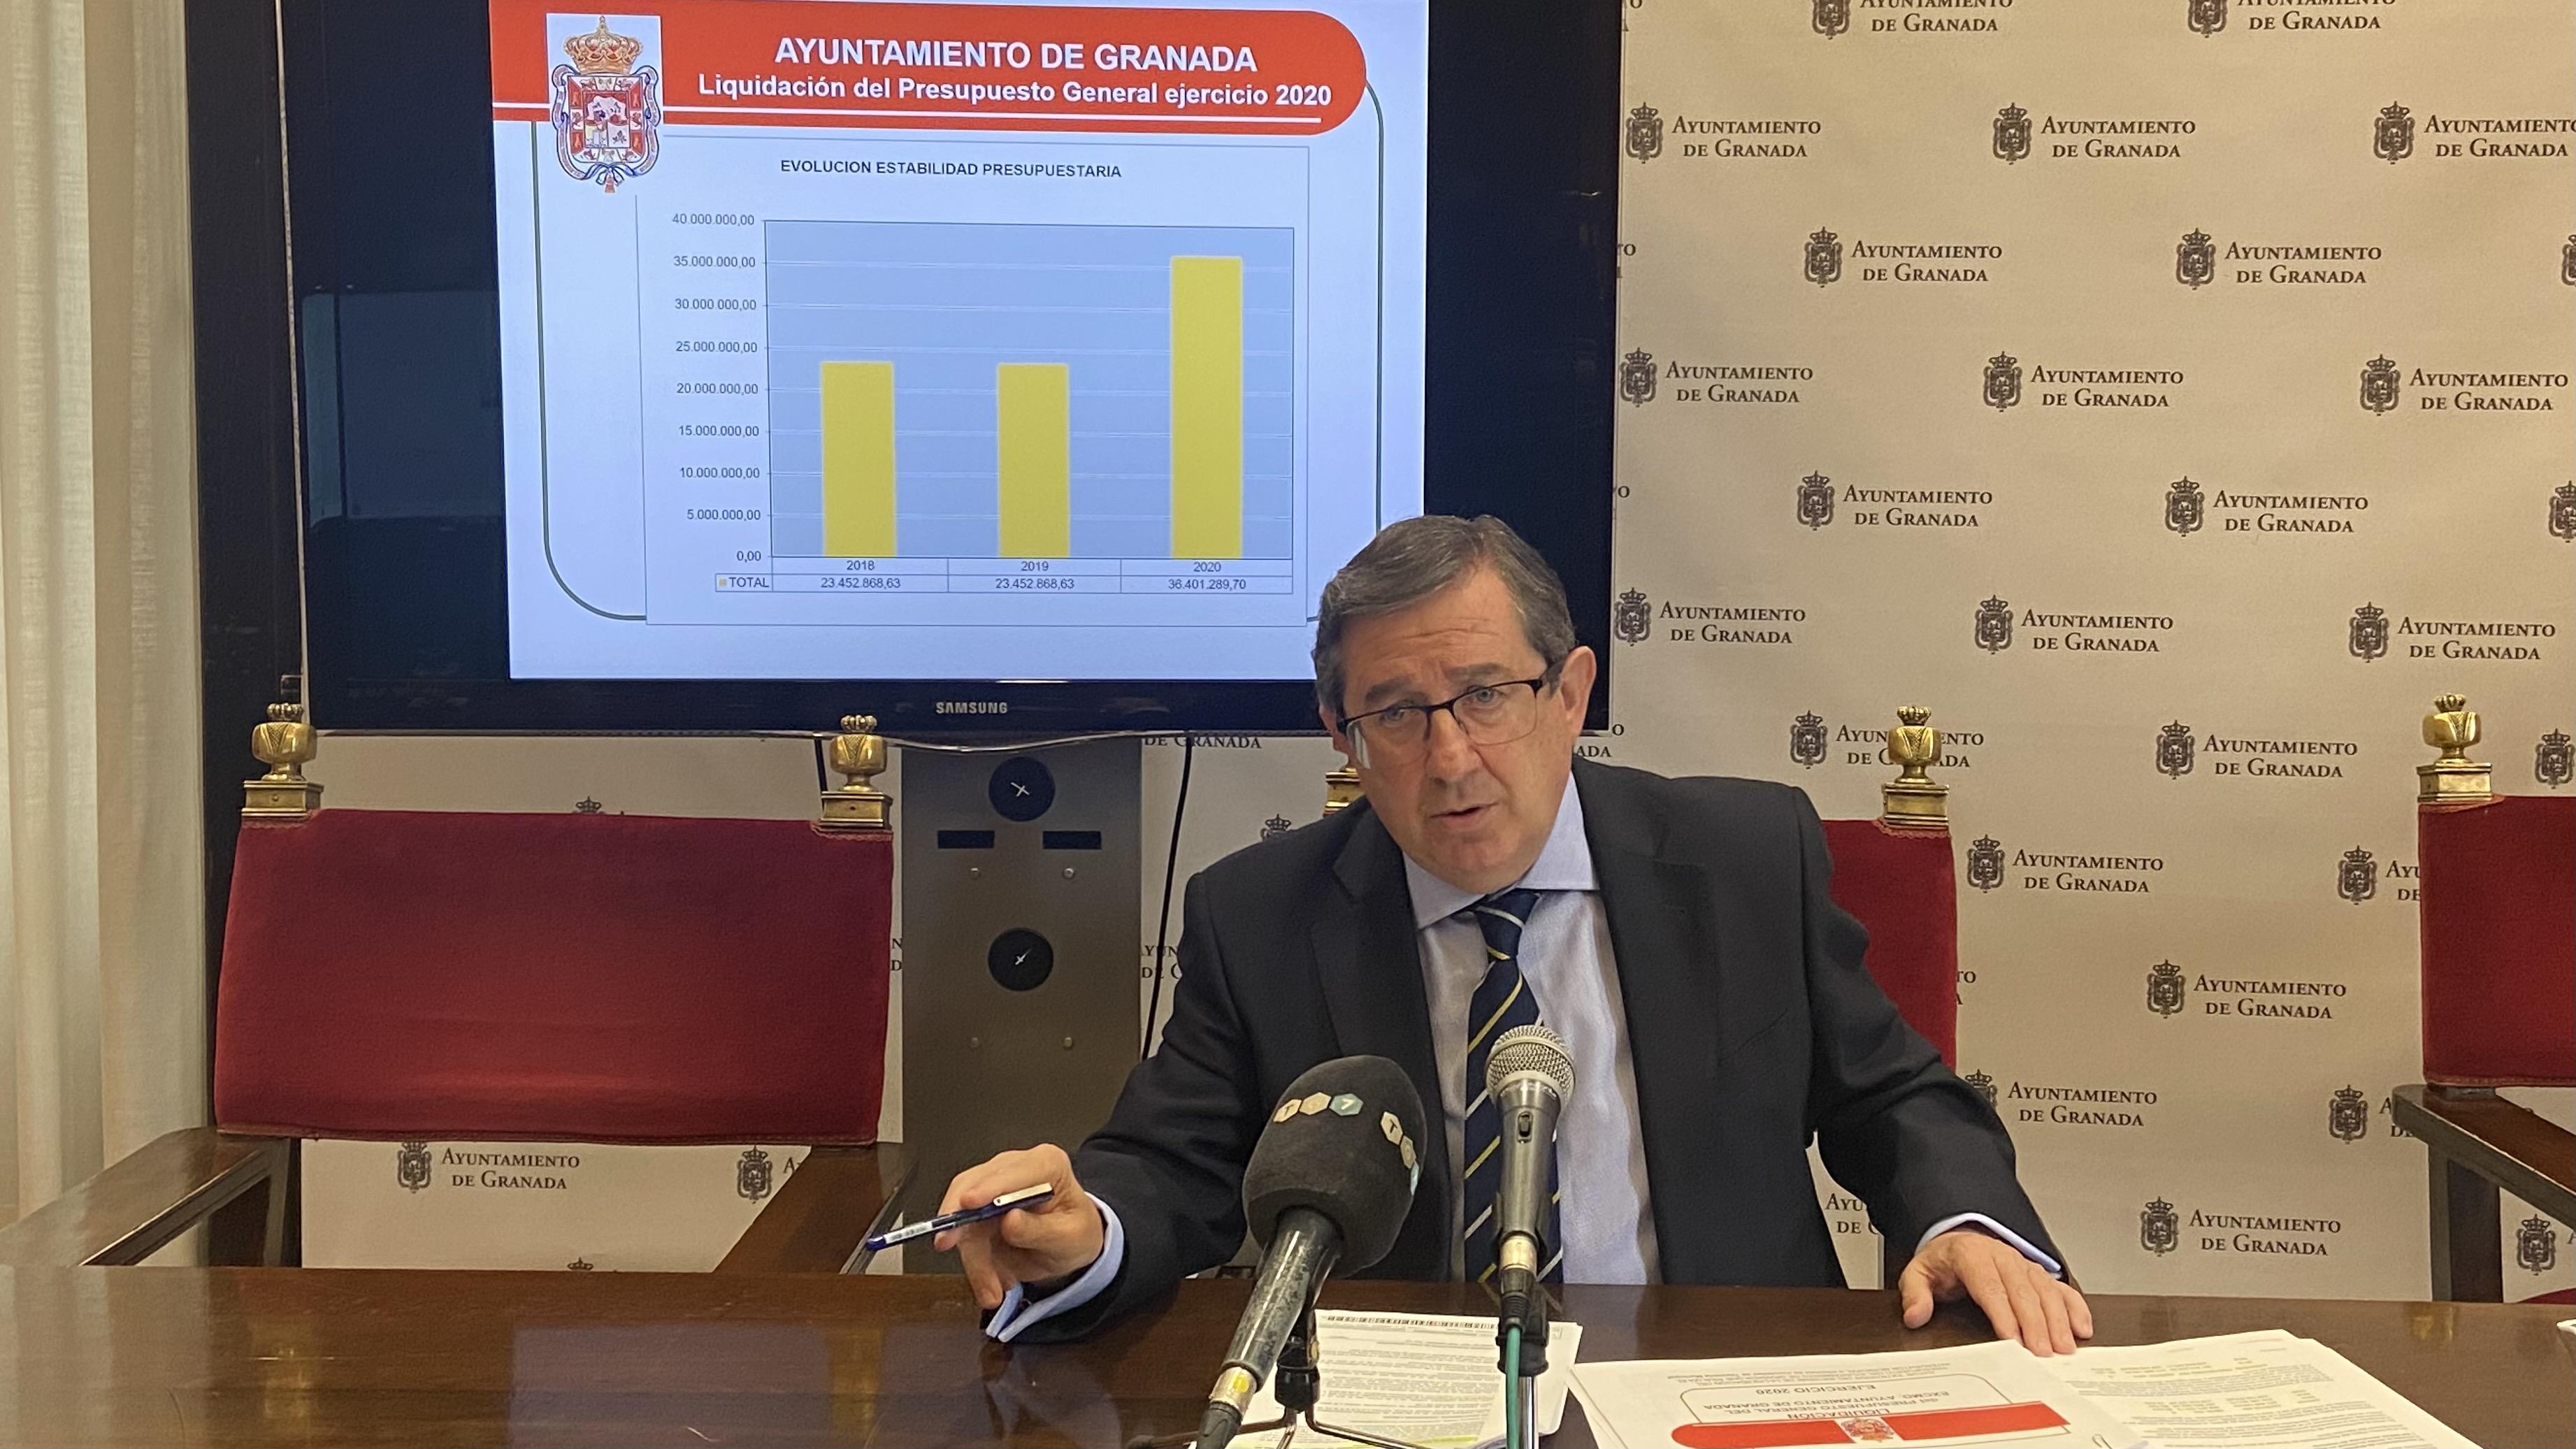 El Ayuntamiento abona a 400 proveedores facturas de importe inferior a 3.000 euros